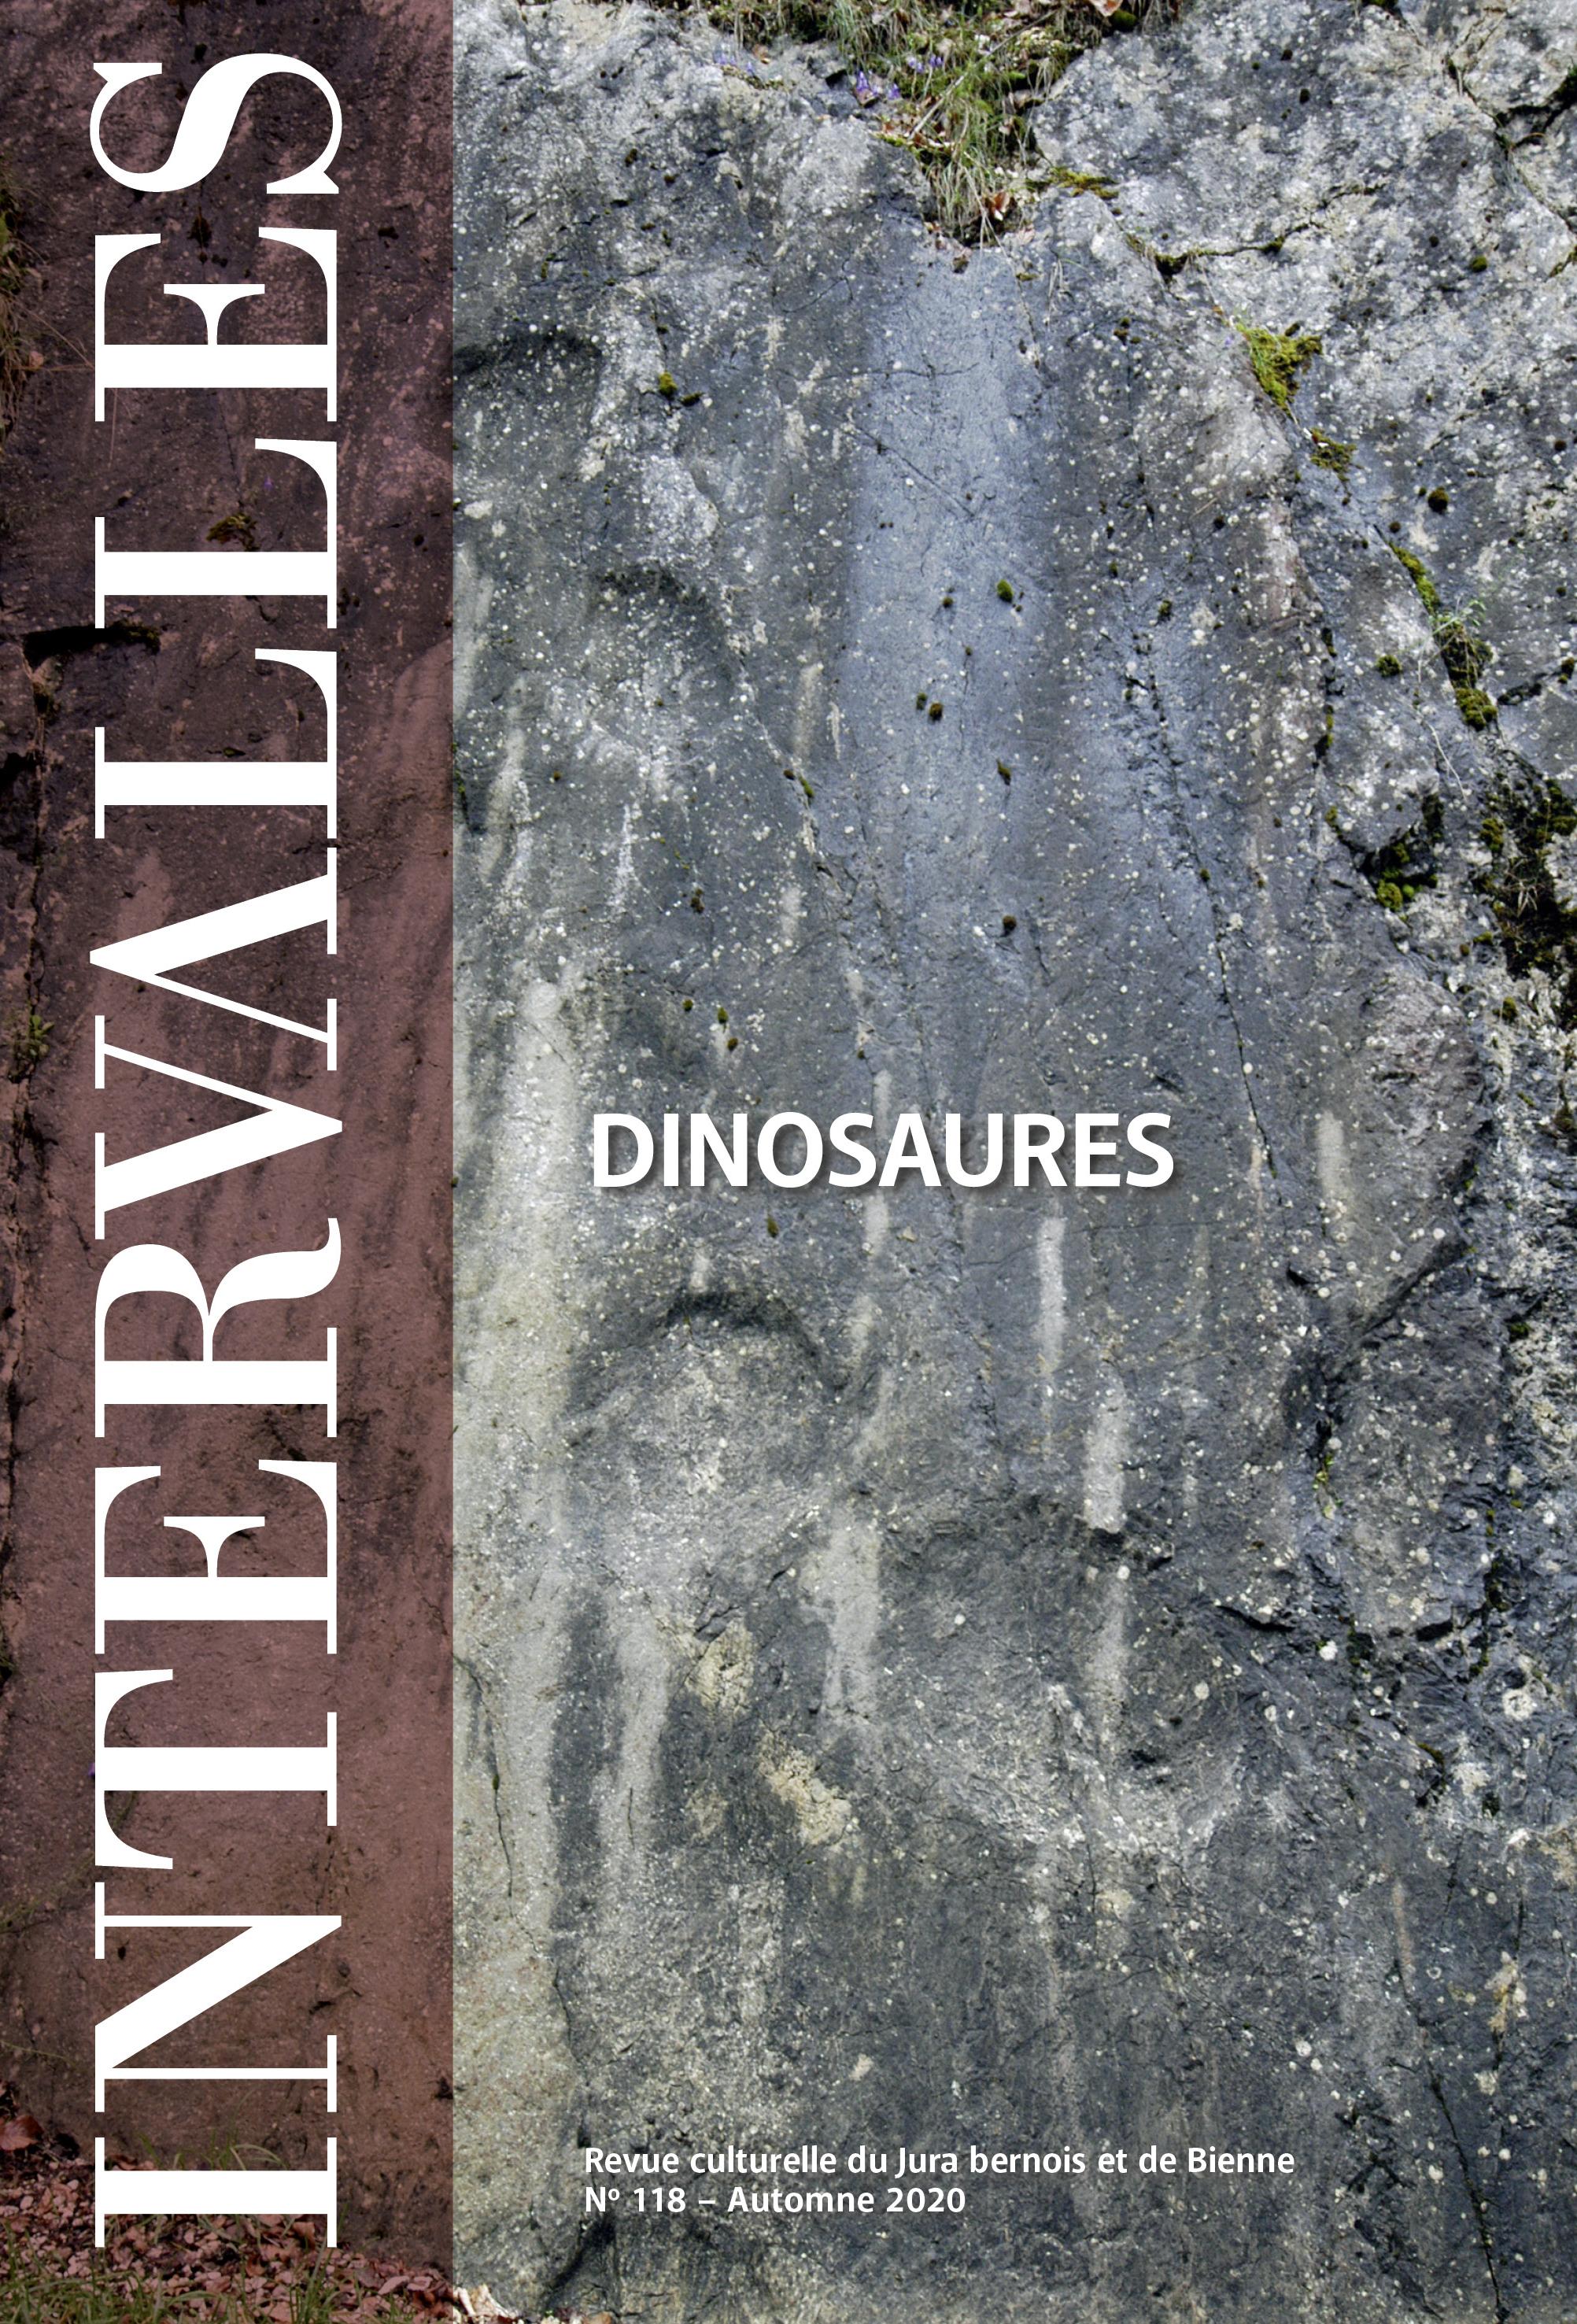 No 118 – Dinosaures